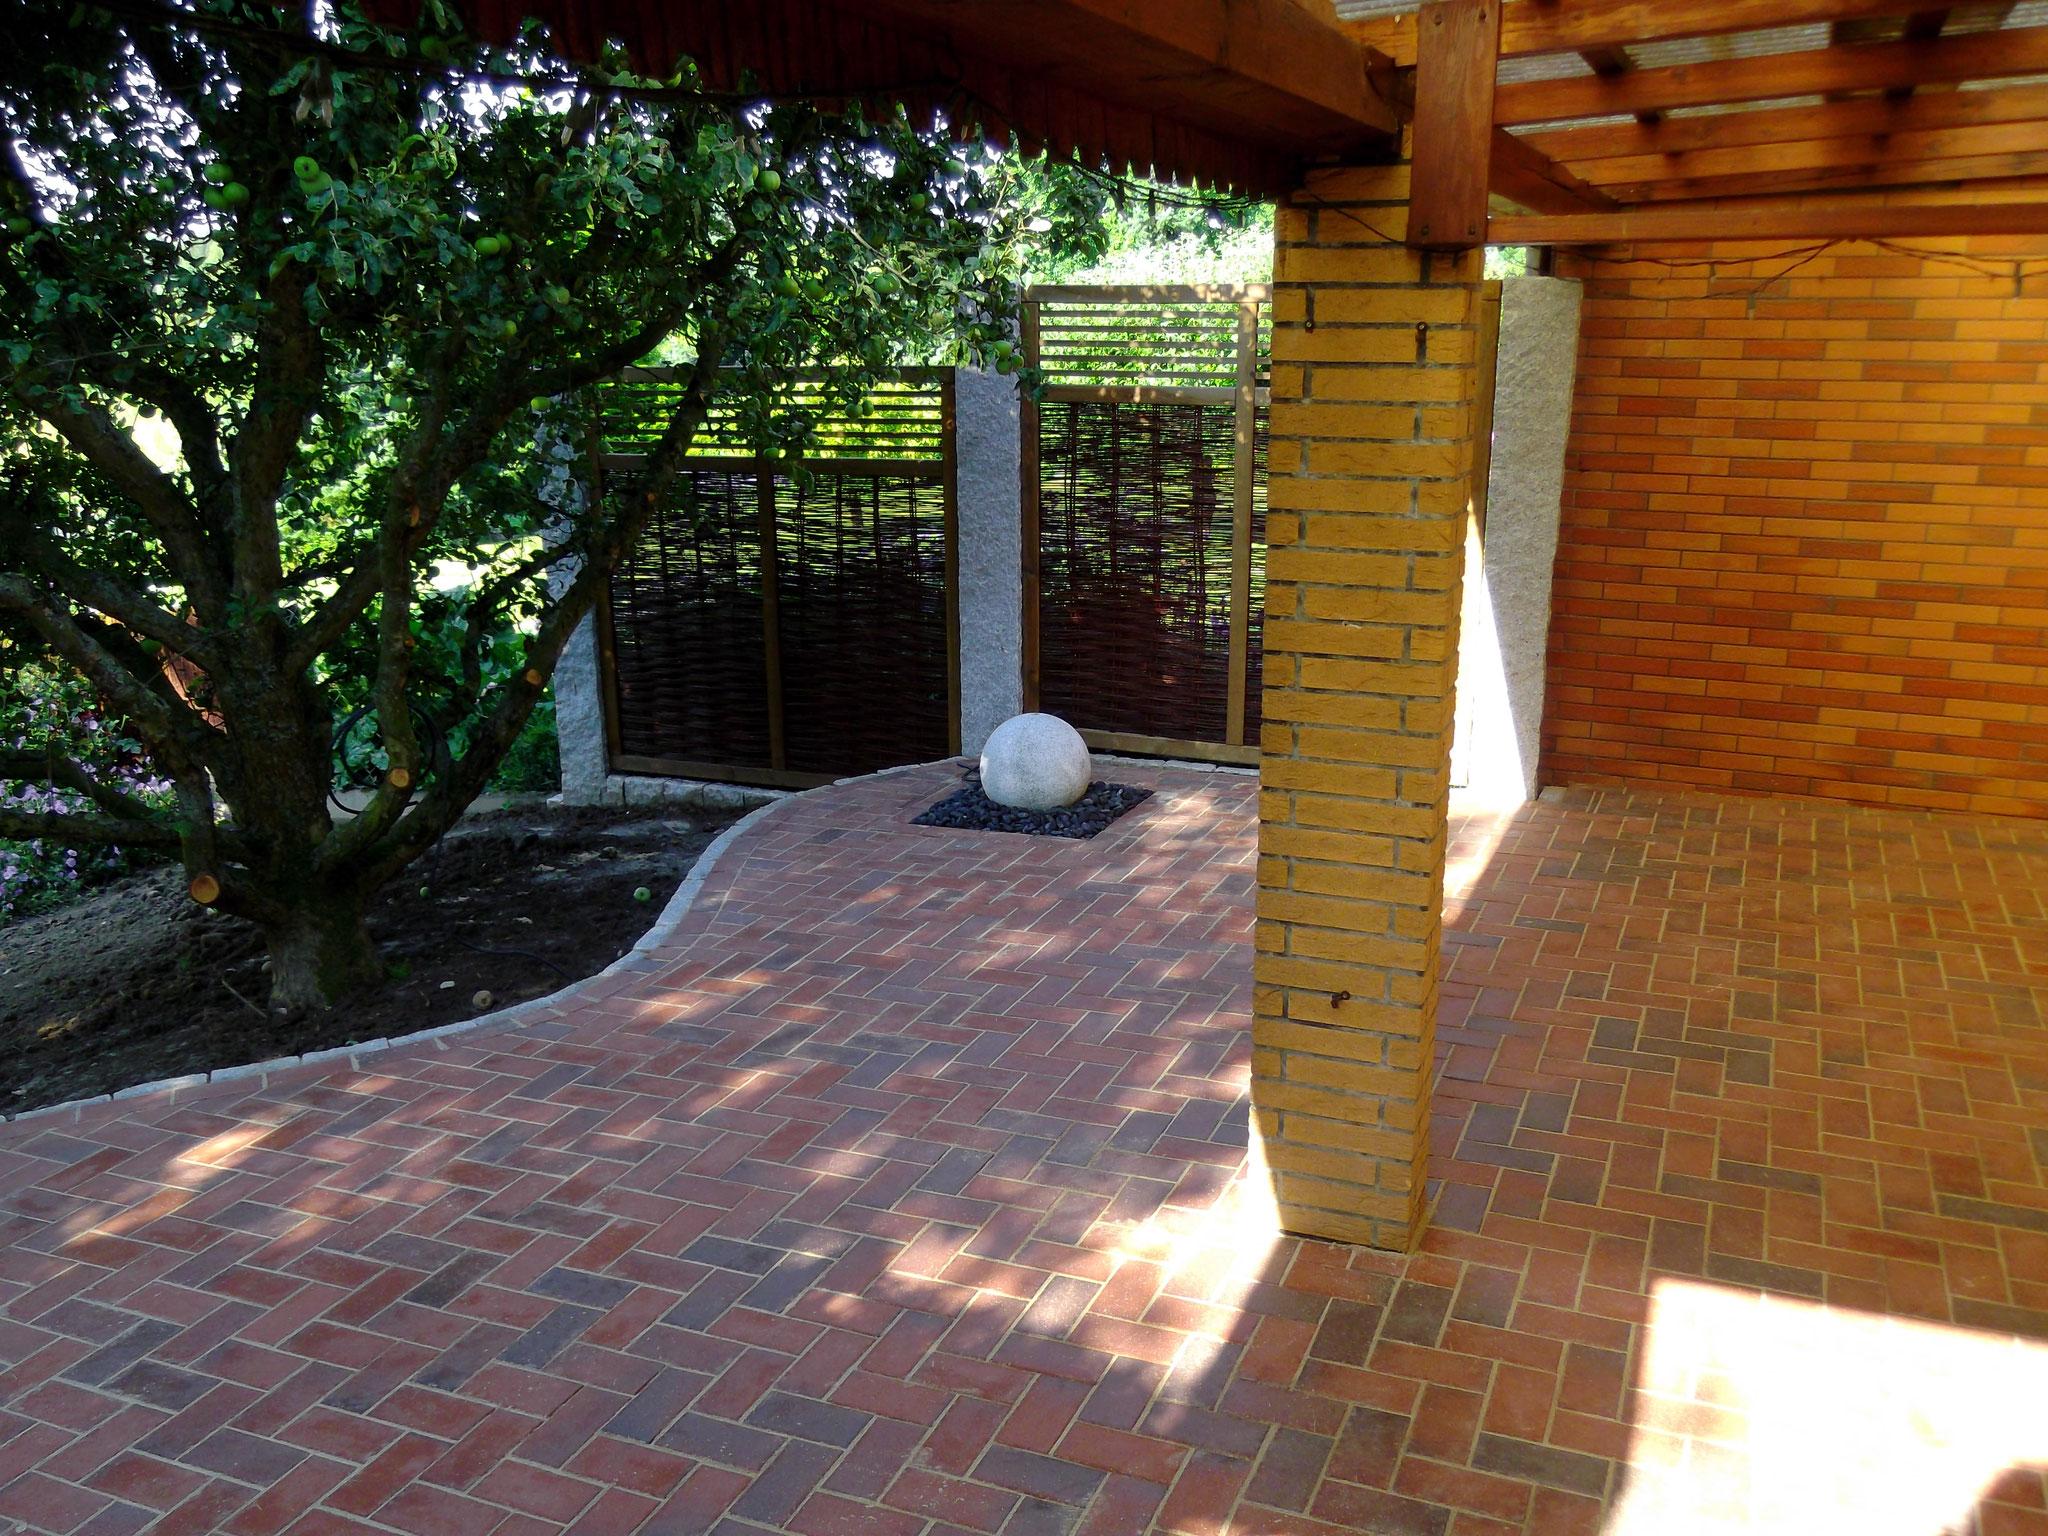 Sichtschutzelemente können auch schön sein. Hier dient das Flechtzaunelement auch als Verstärkung des mediterranen Terrassenflairs.